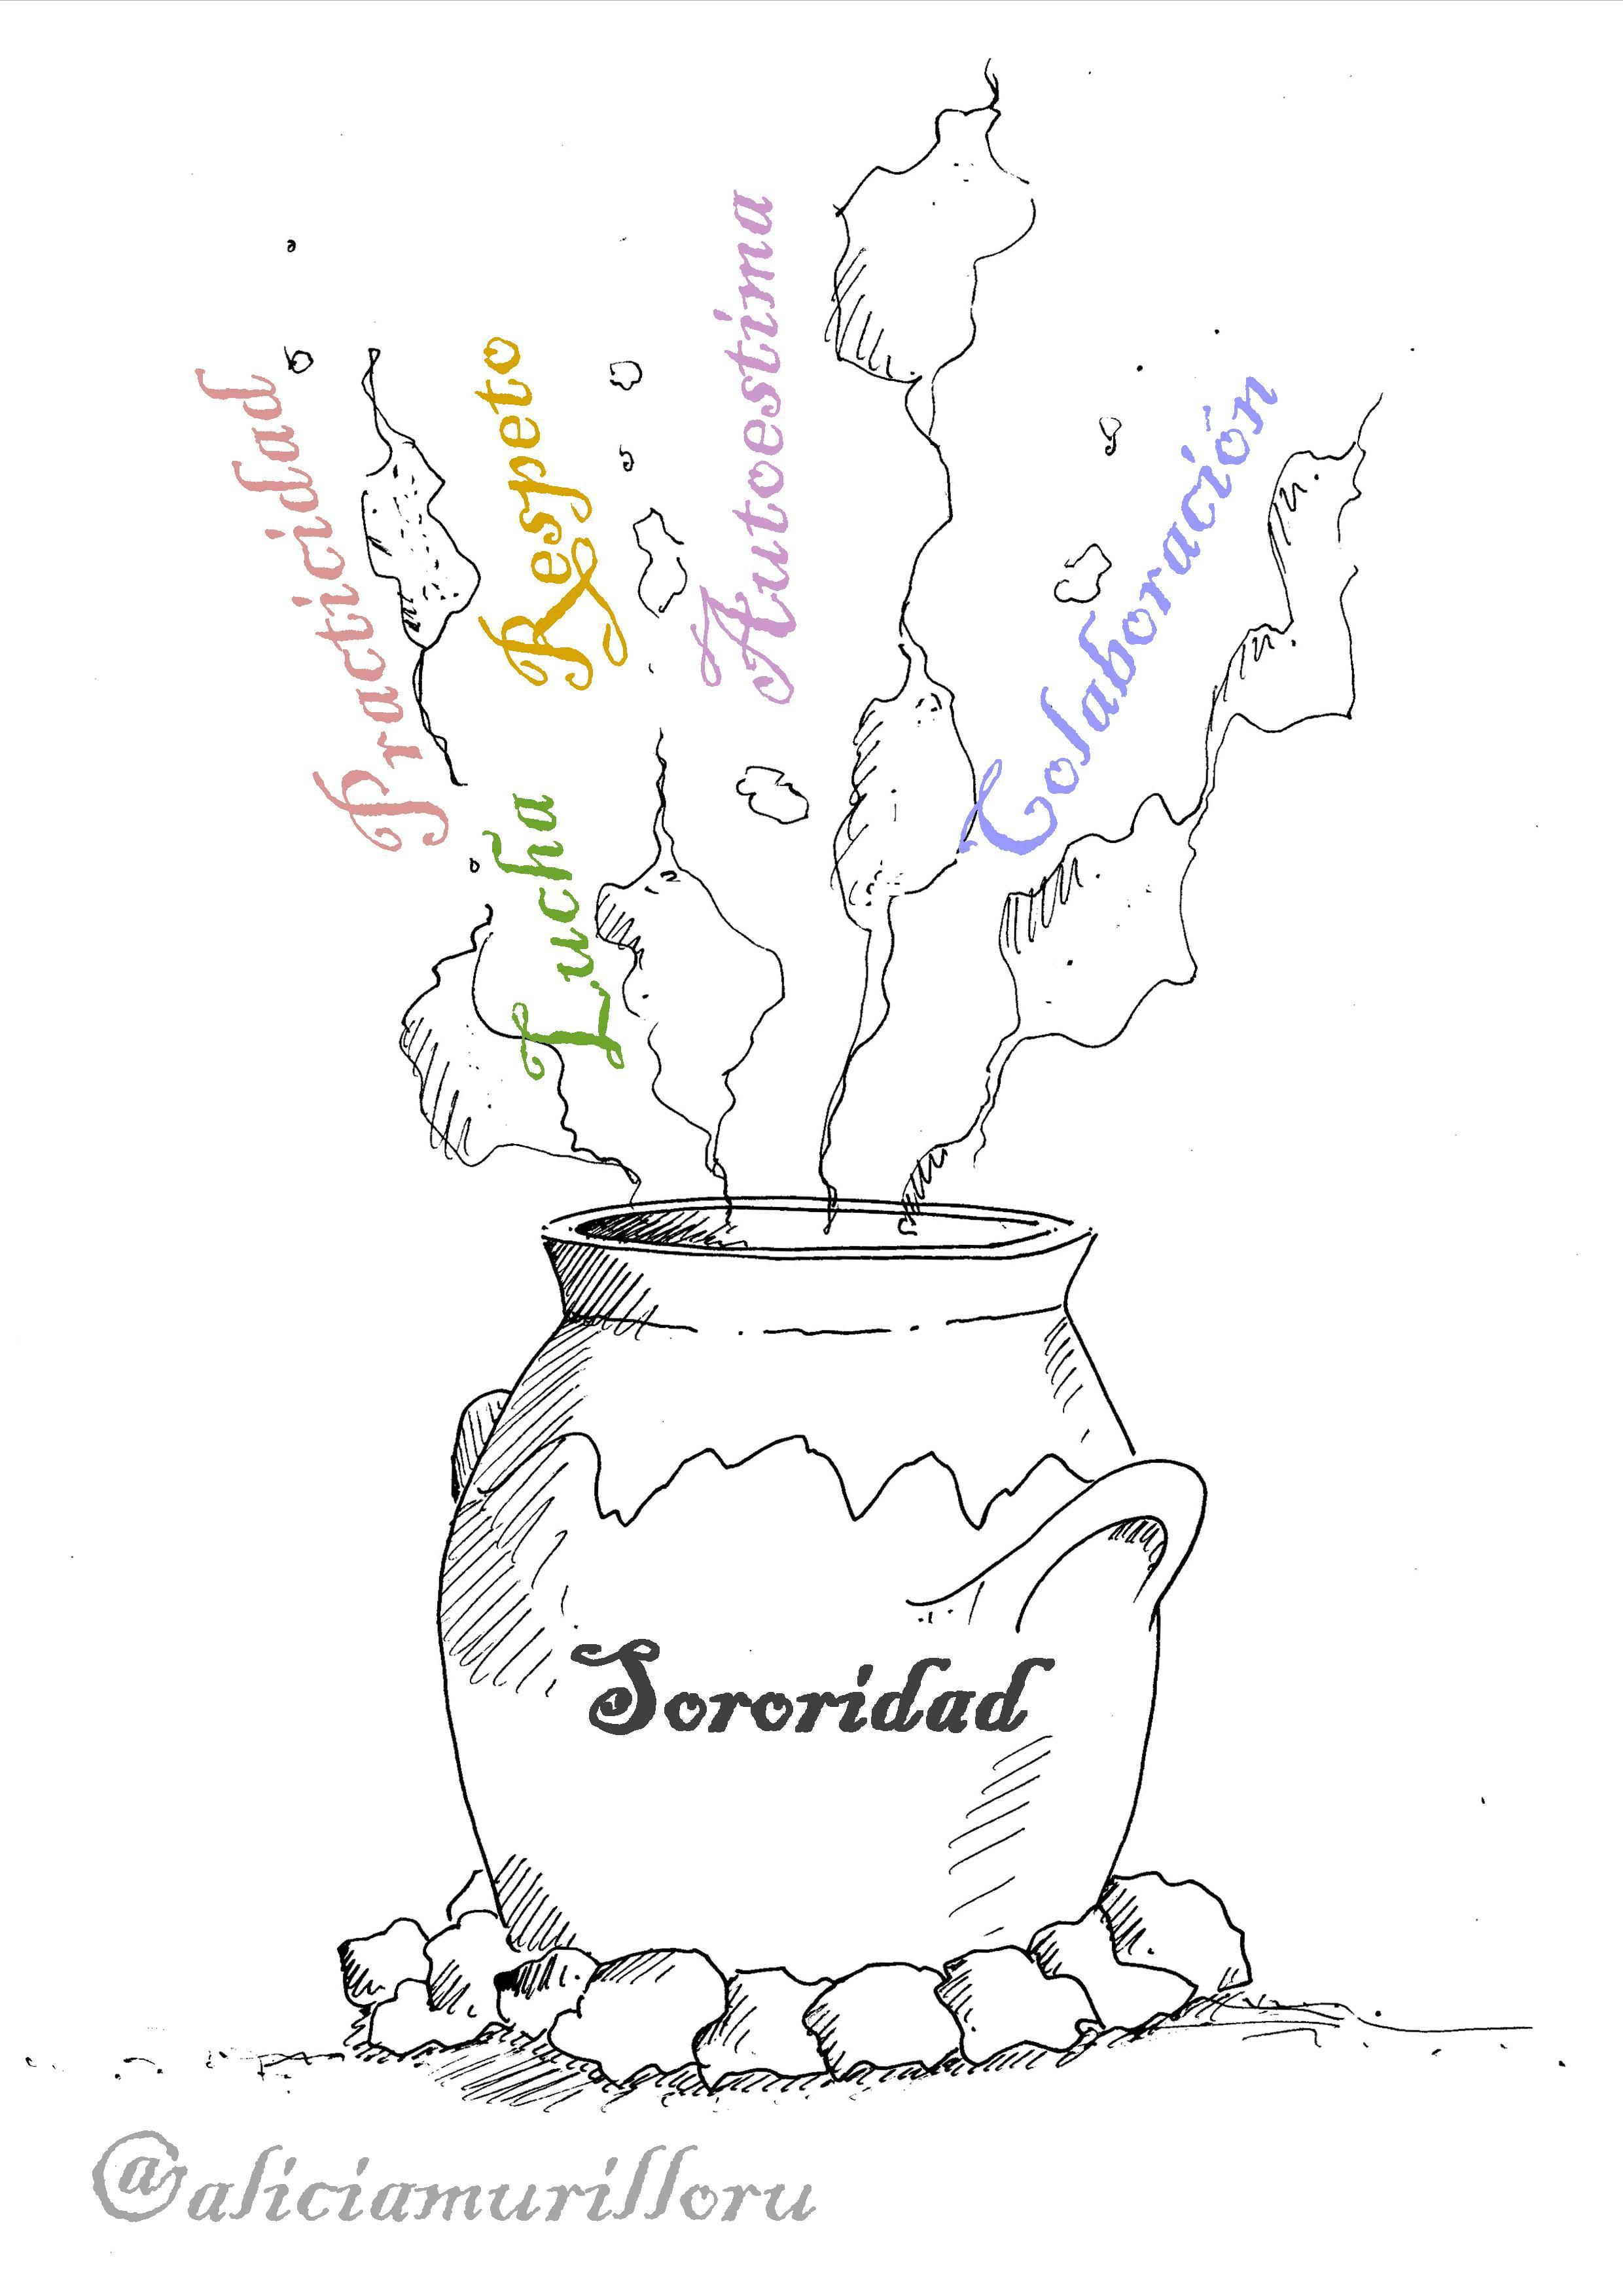 sororidad ilustración con textos